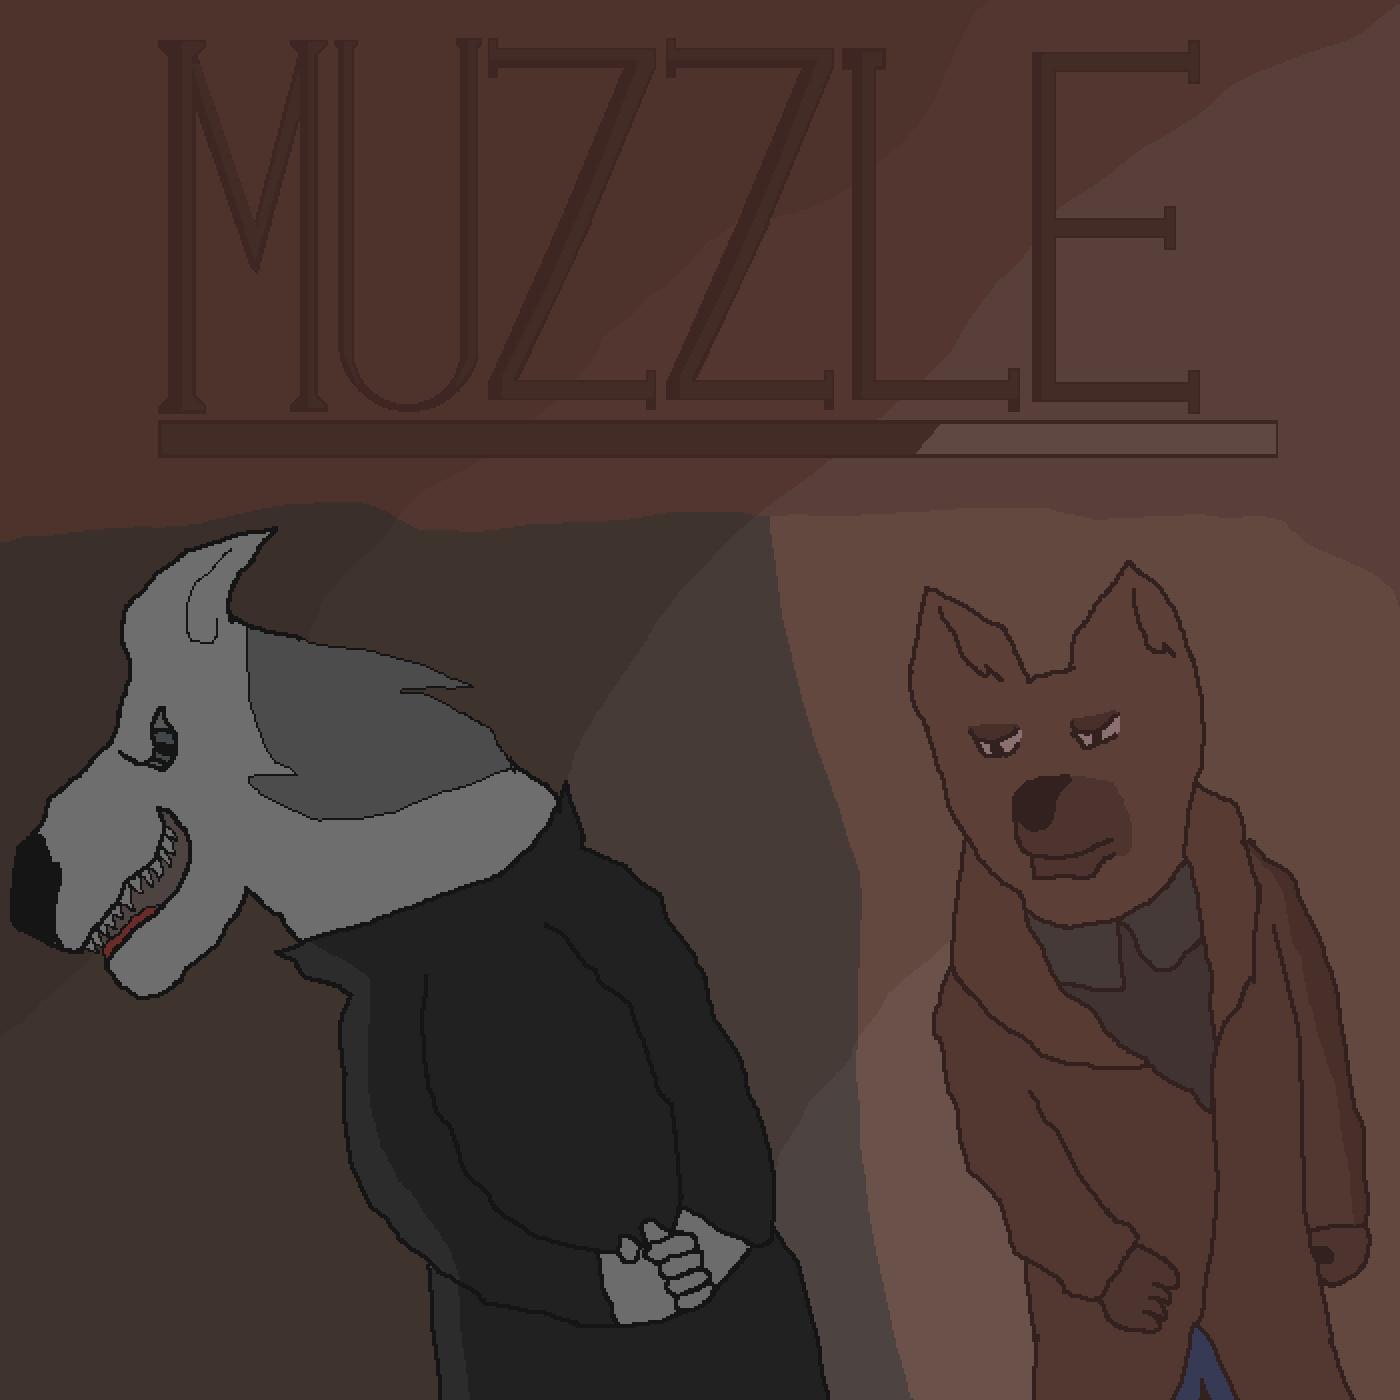 MUZZLE (Wallpaper) [FINISHED] by DJWolfernoSK